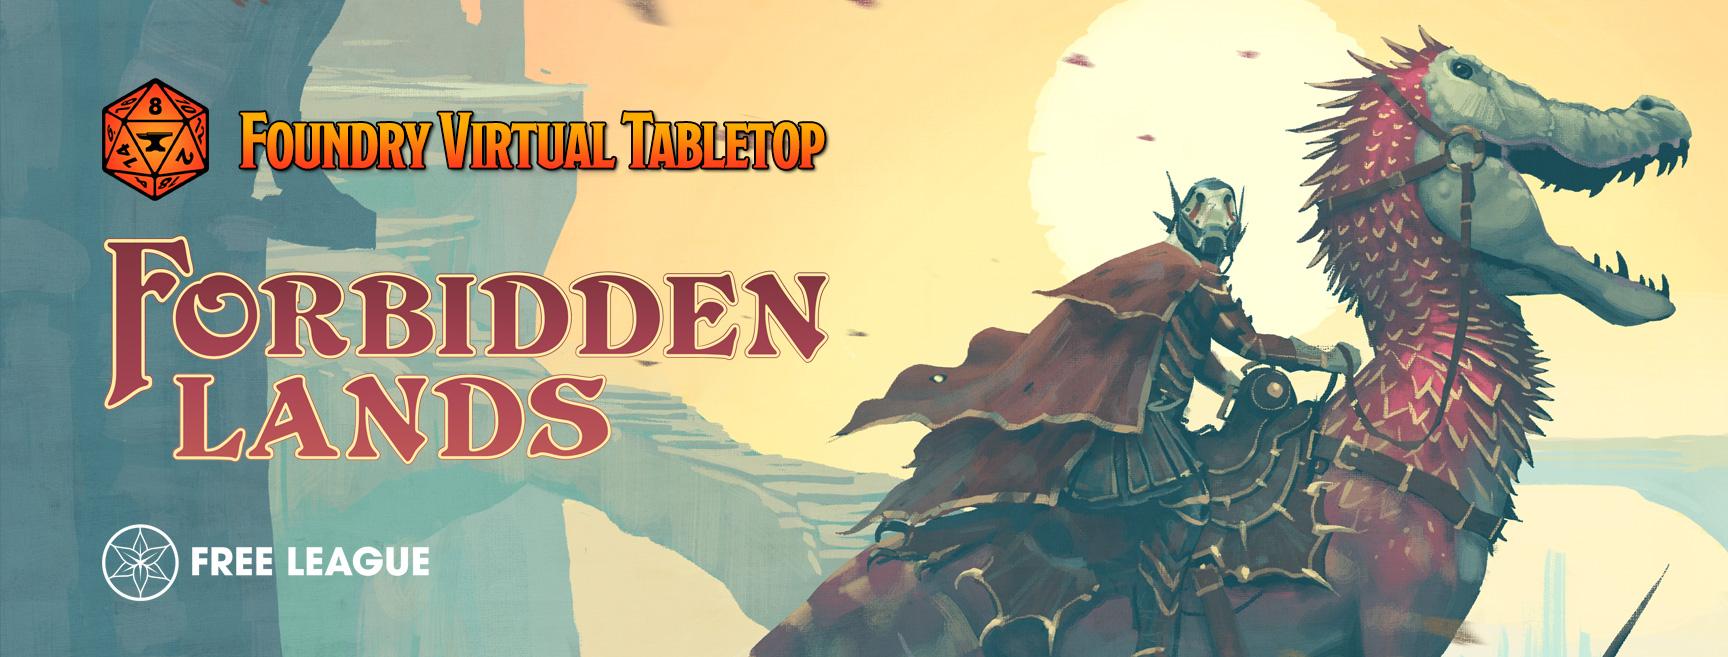 Forbidden Lands Foundry VTT Banner Image